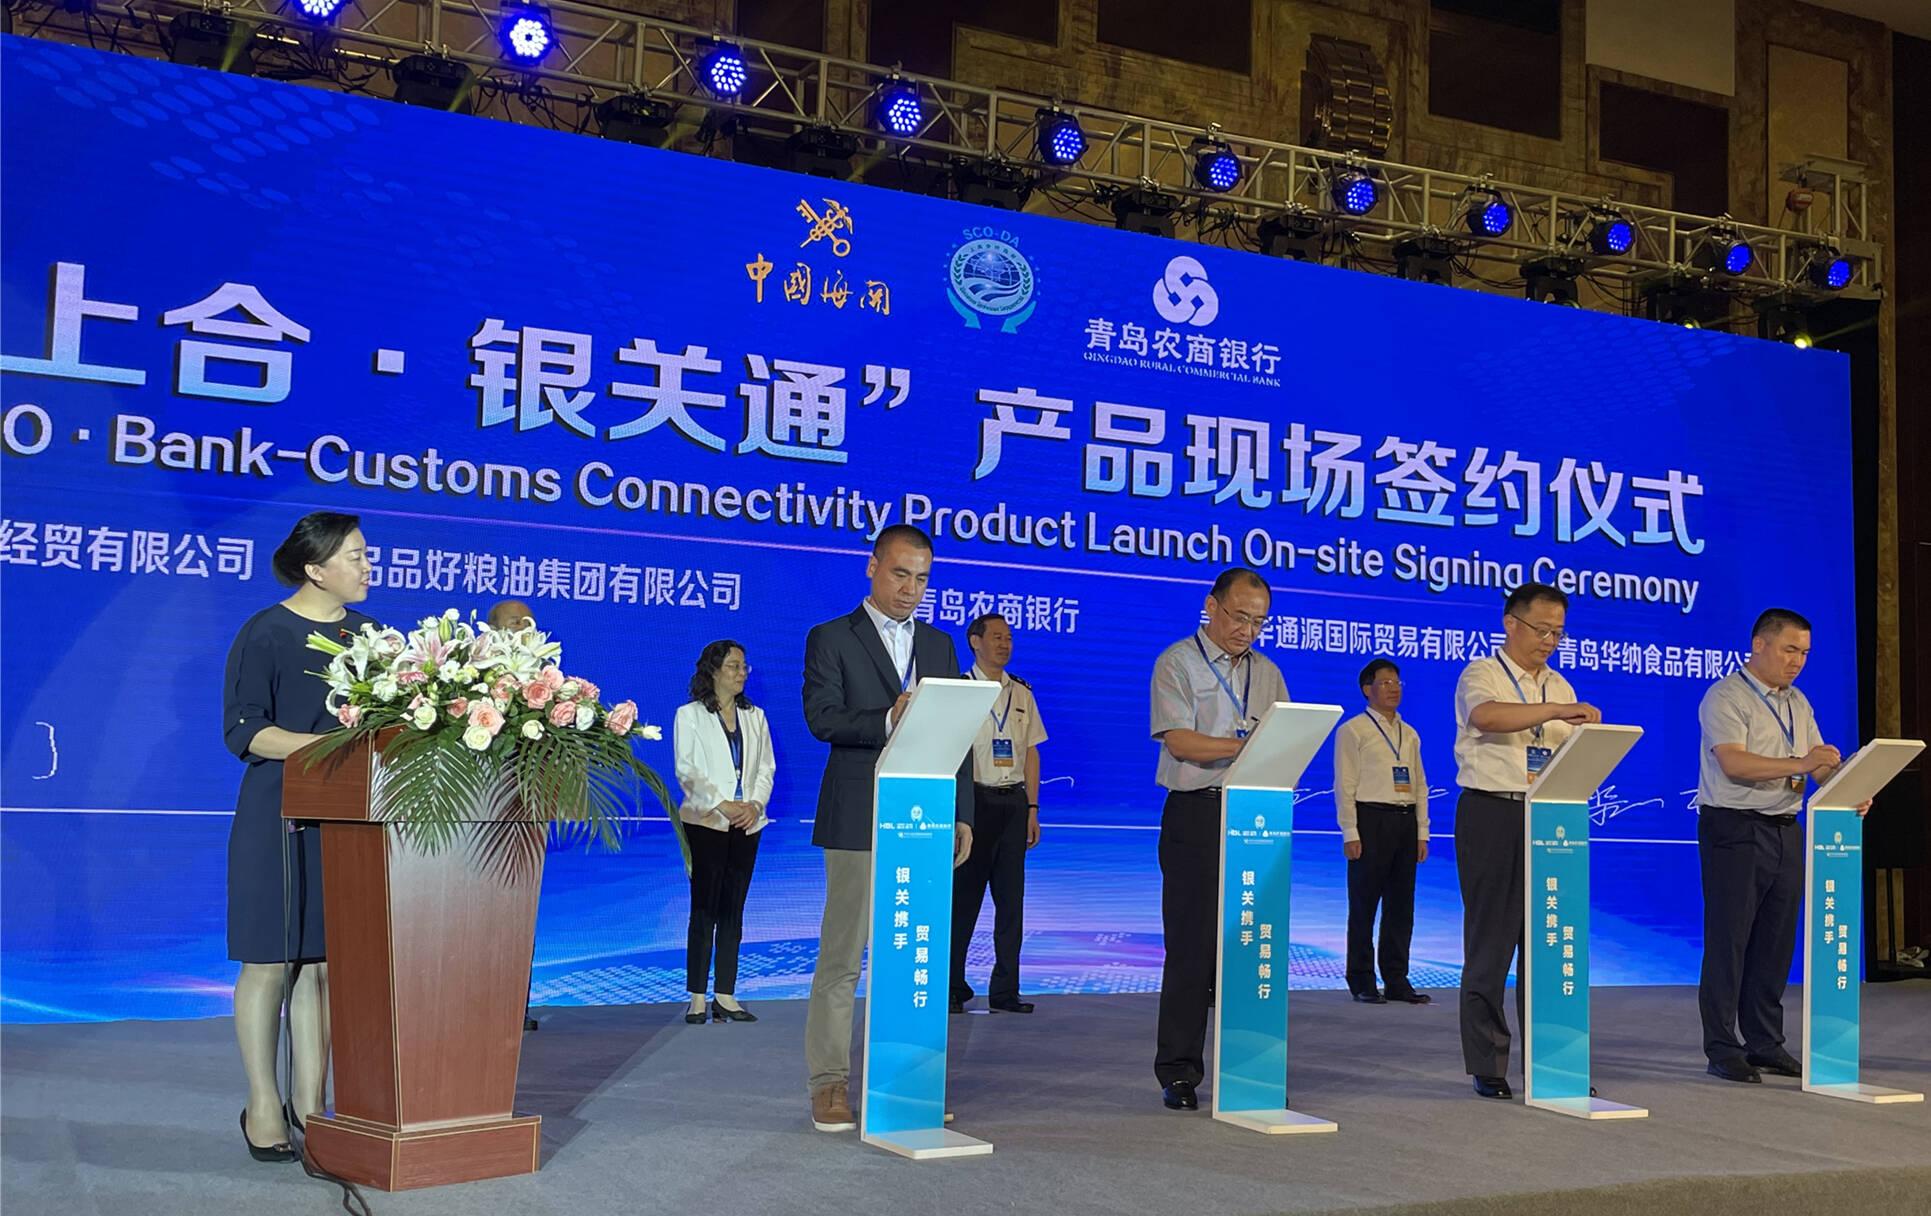 上合示范区推出金融创新服务 关税保函业务上线